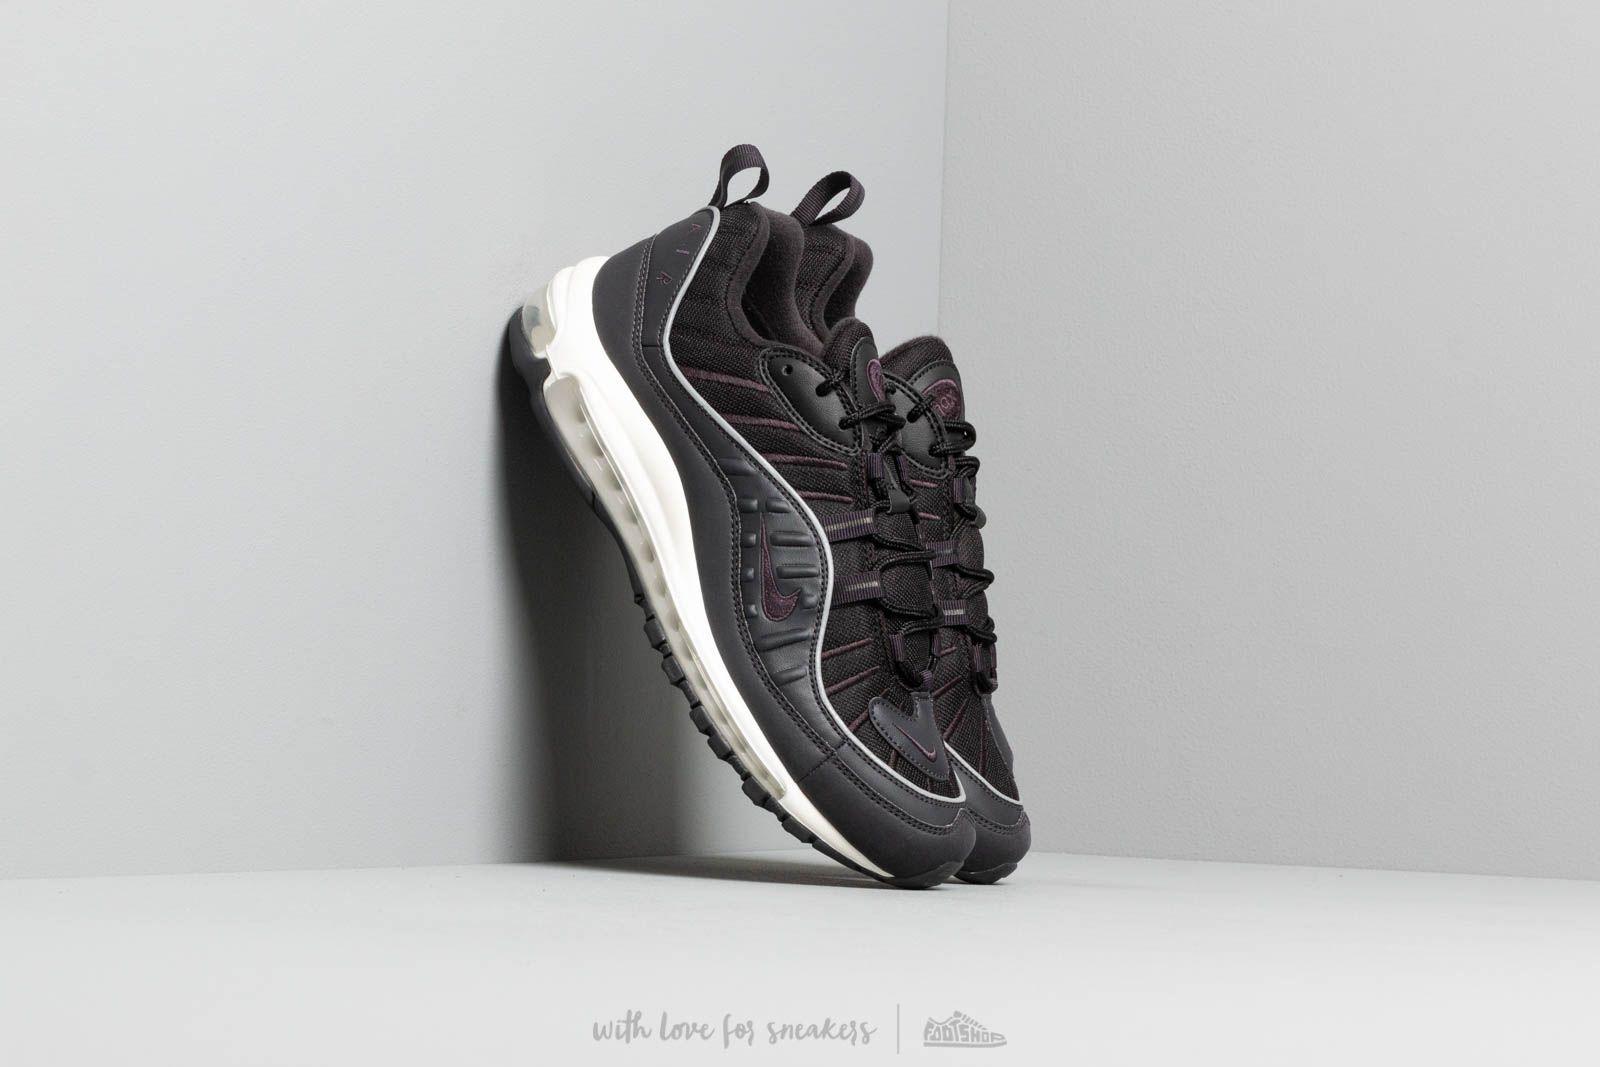 307a112a1b Nike Air Max 98 Oil Grey/ Oil Grey-Black-Summit White | Footshop